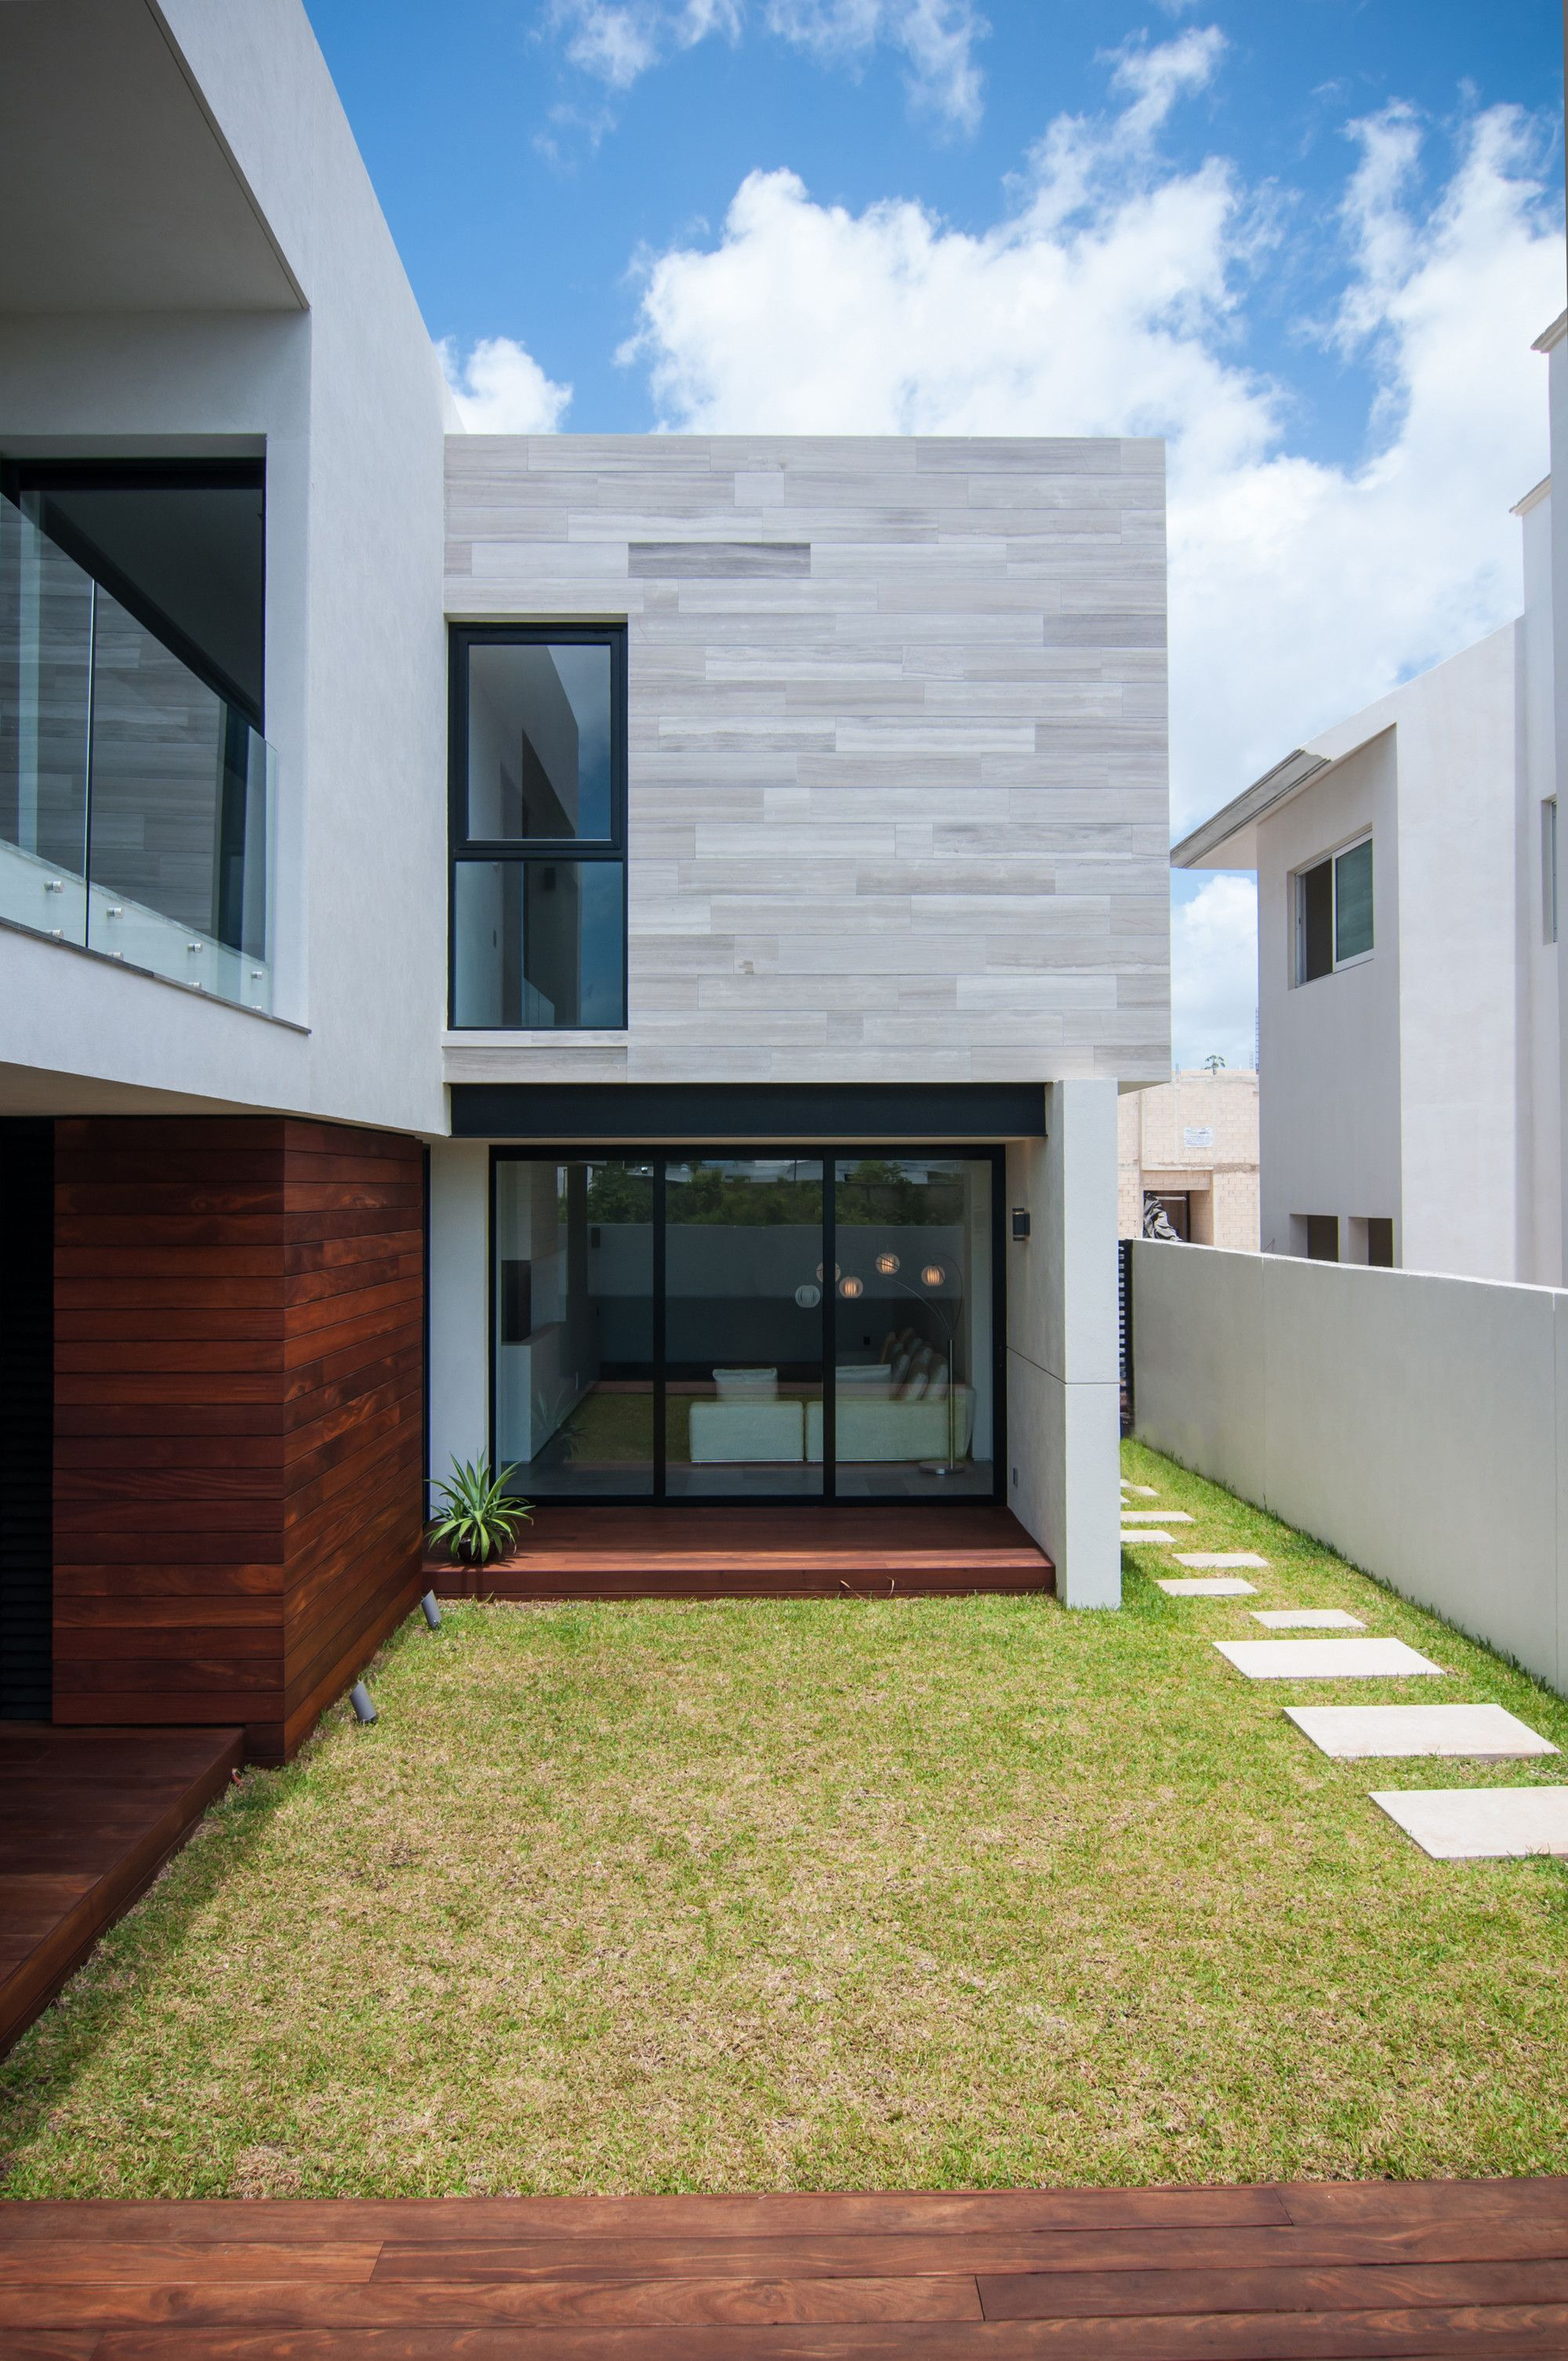 Galer a de casa paracaima taff arquitectos 11 for Galerias casas minimalistas